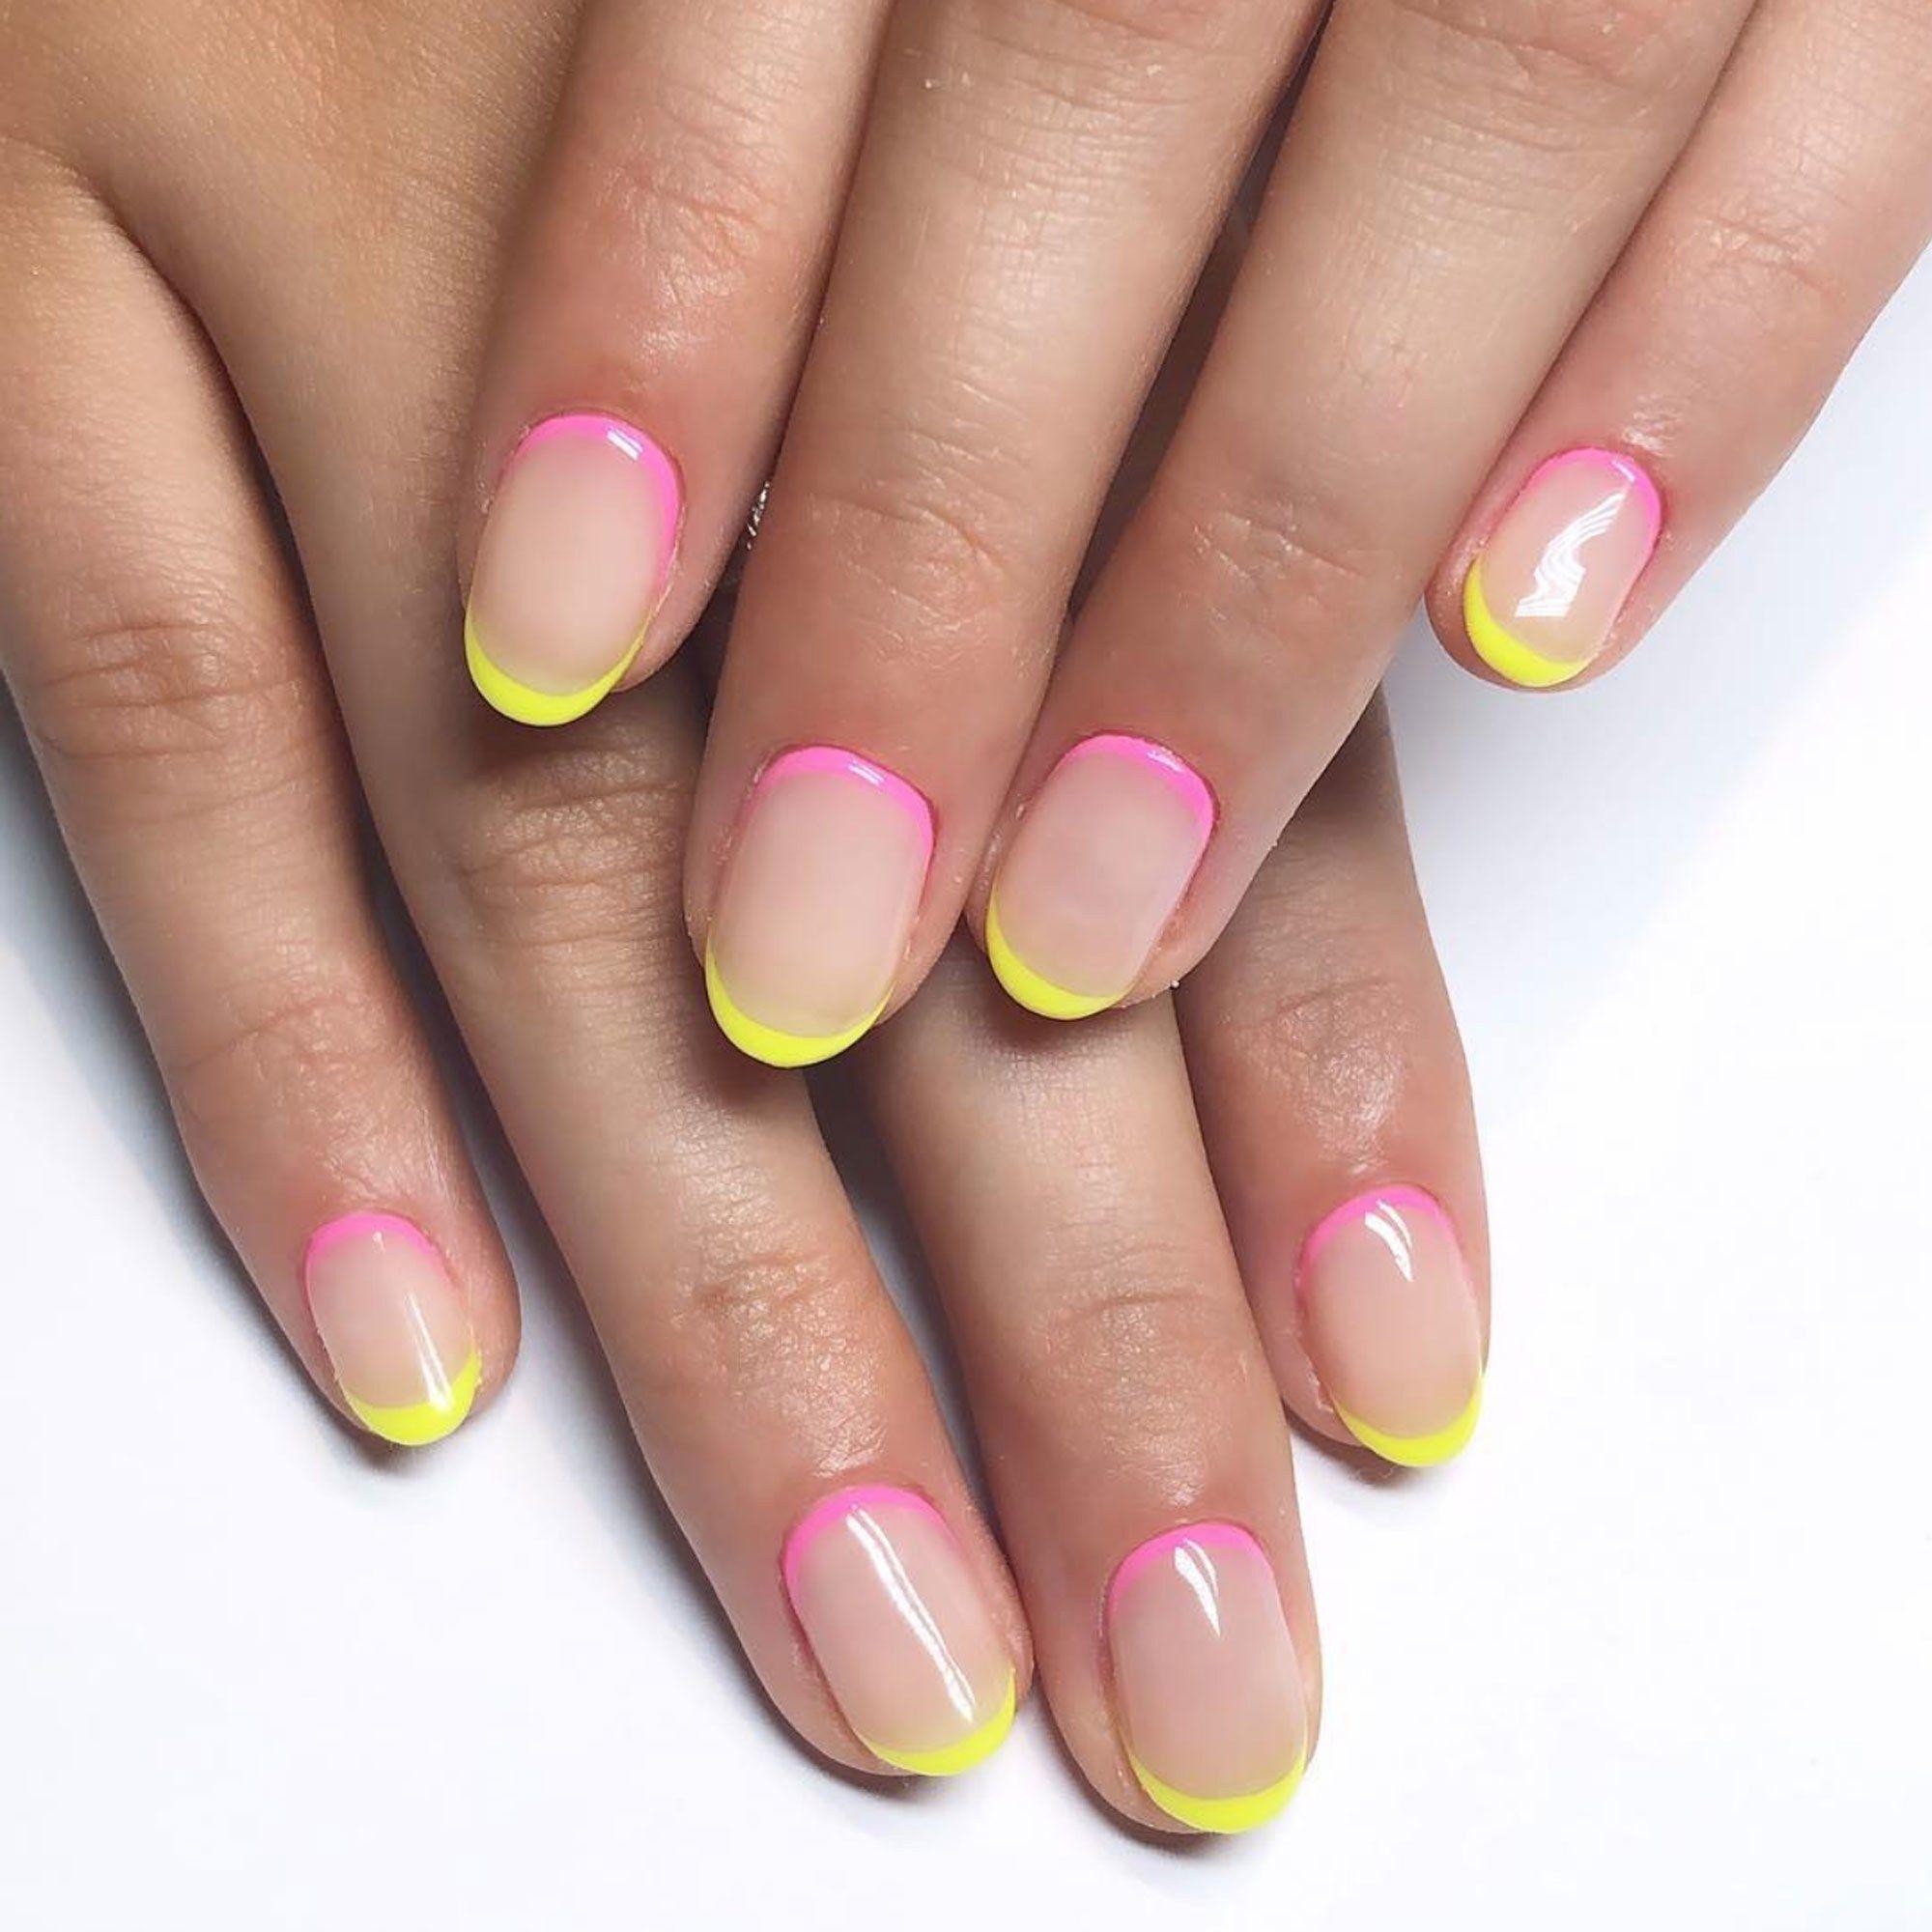 Hot Pink Nail Designs 2019 Korean - 6 summer nail art ideas for 2019 – summer nail designs ... #koreannailart Hot Pink Nail Designs 2019 Korean - 6 summer nail art ideas for 2019 – summer nail designs | allure #koreannailart Hot Pink Nail Designs 2019 Korean - 6 summer nail art ideas for 2019 – summer nail designs ... #koreannailart Hot Pink Nail Designs 2019 Korean - 6 summer nail art ideas for 2019 – summer nail designs | allure #koreannailart